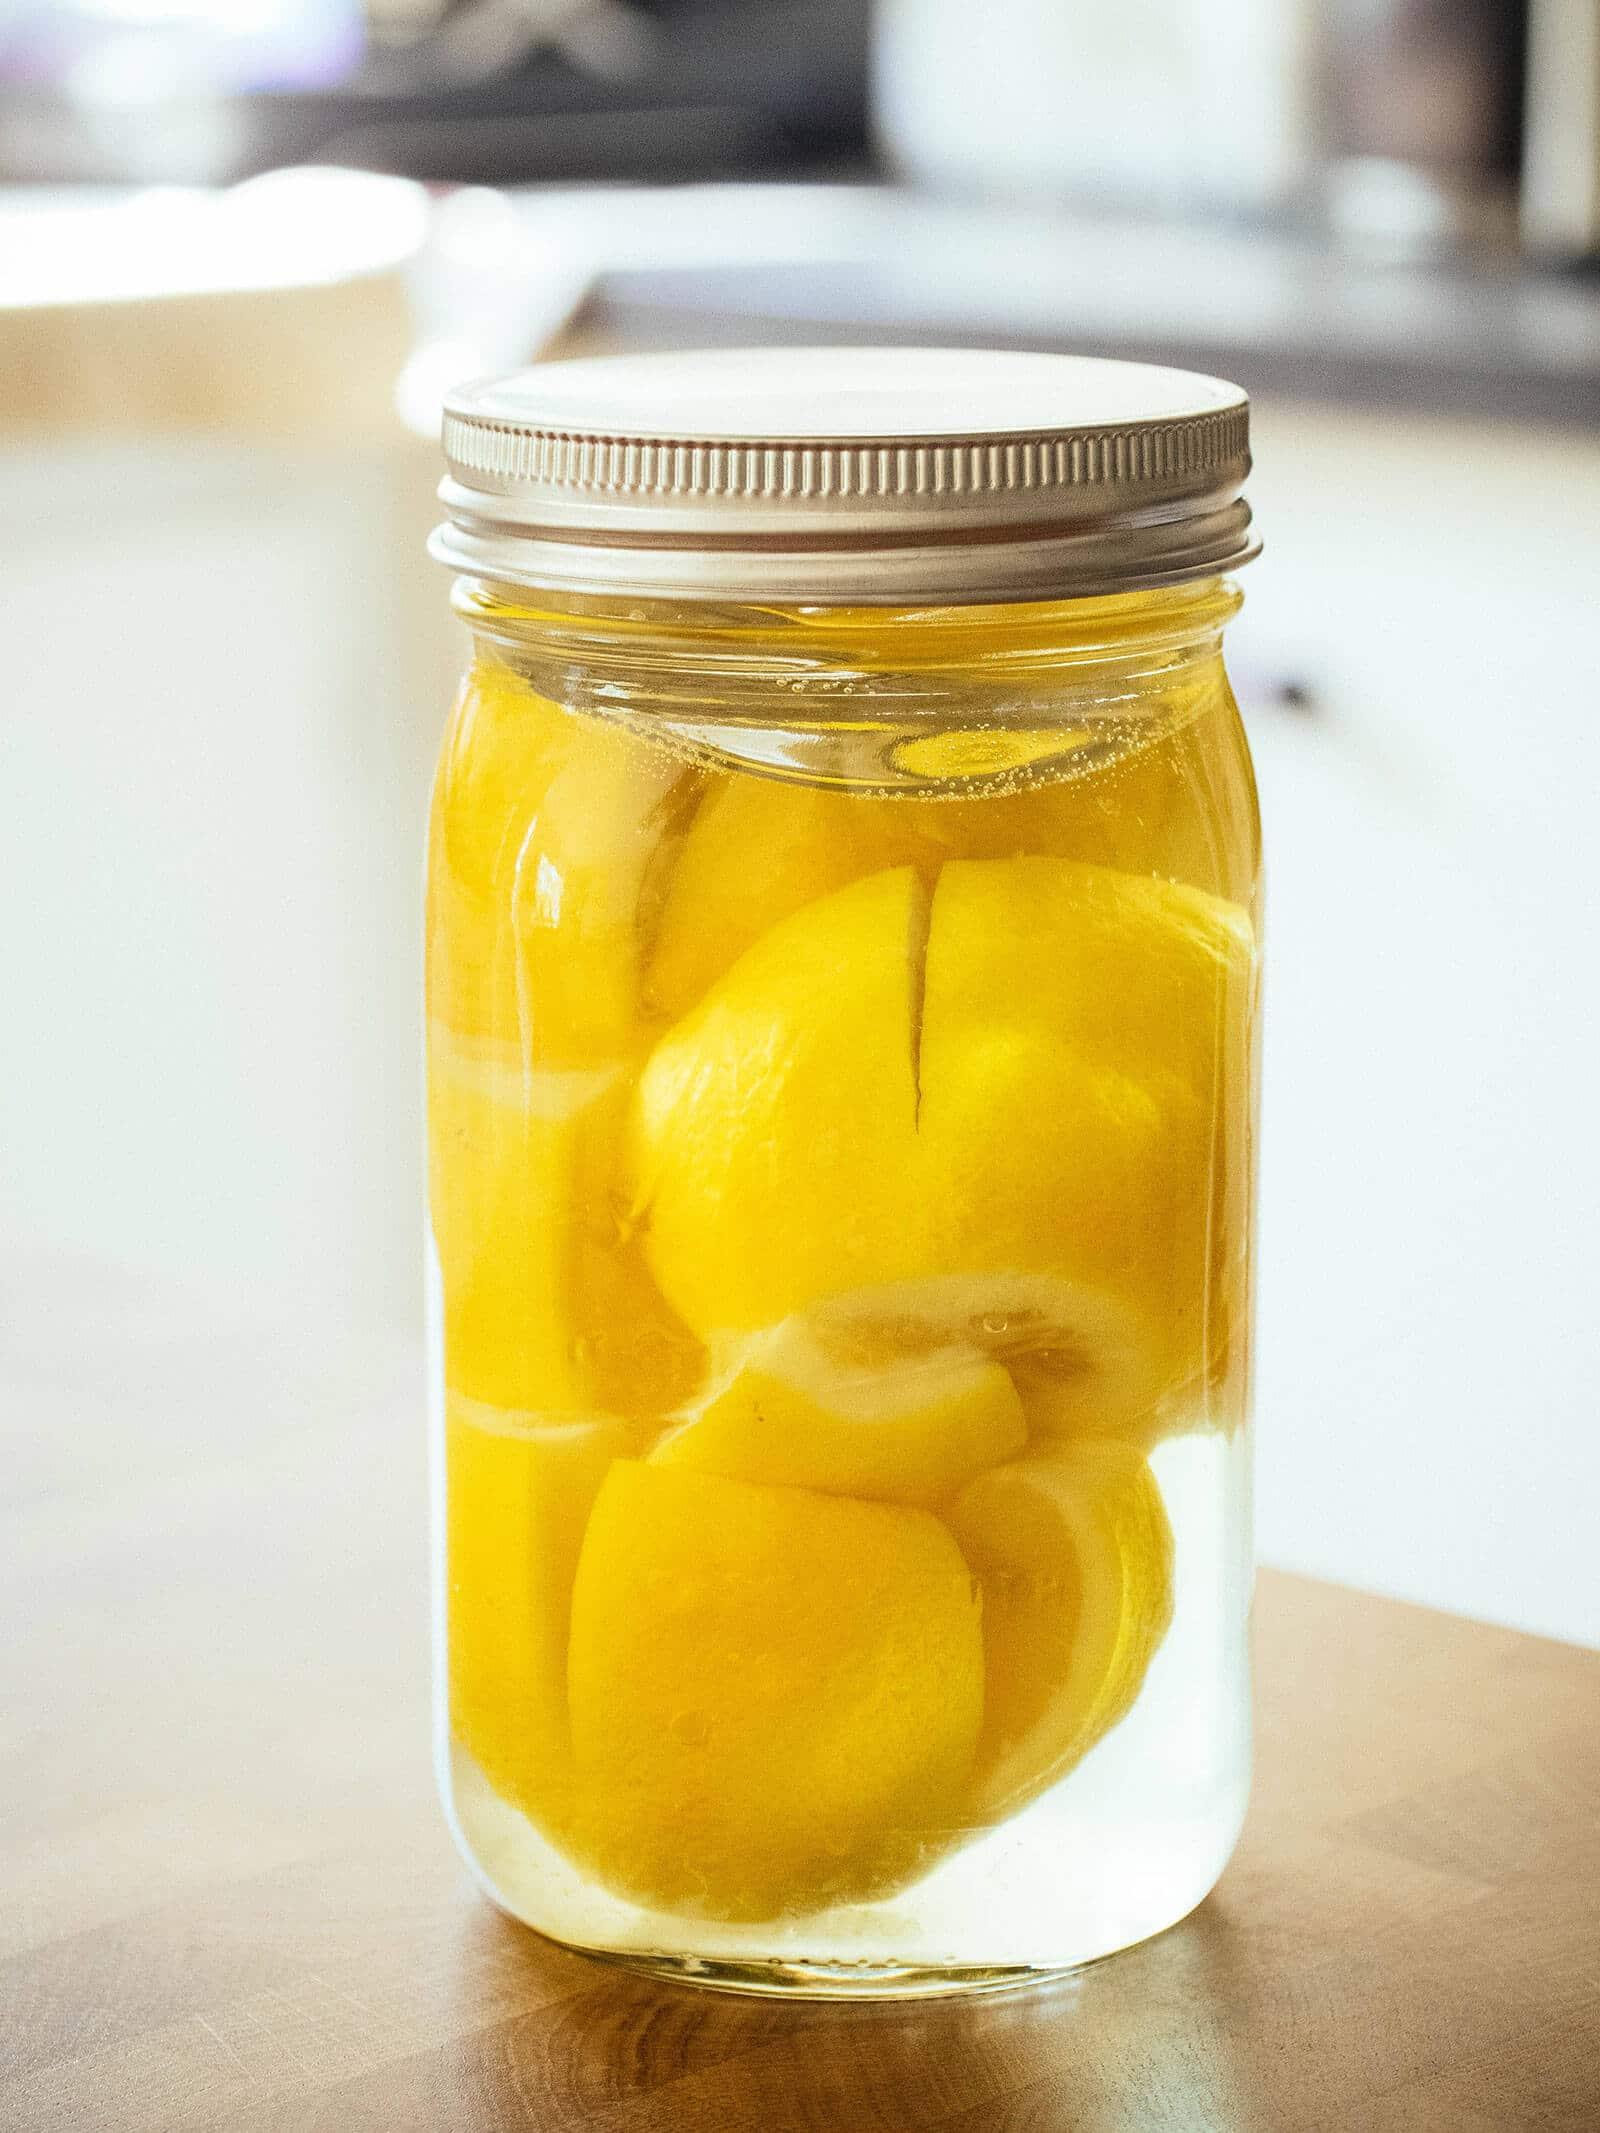 Jar full of lemons being preserved in brine